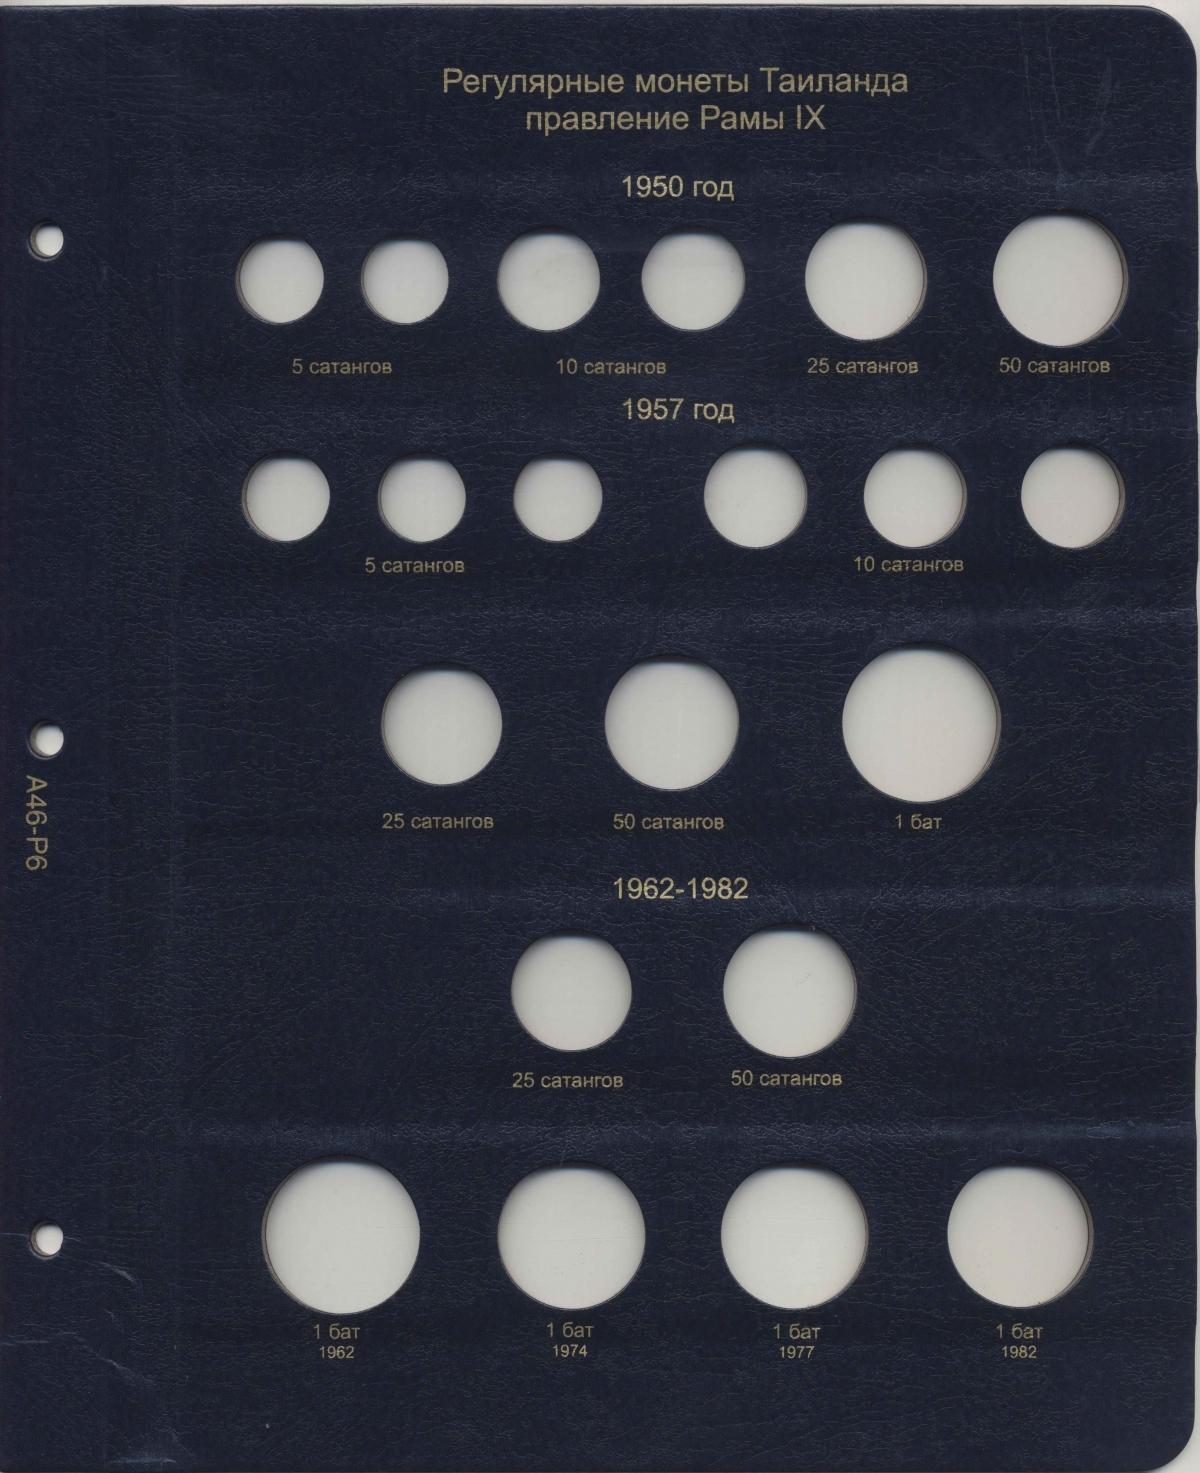 Комплект листов для регулярных монет Таиланда с 1950 г.